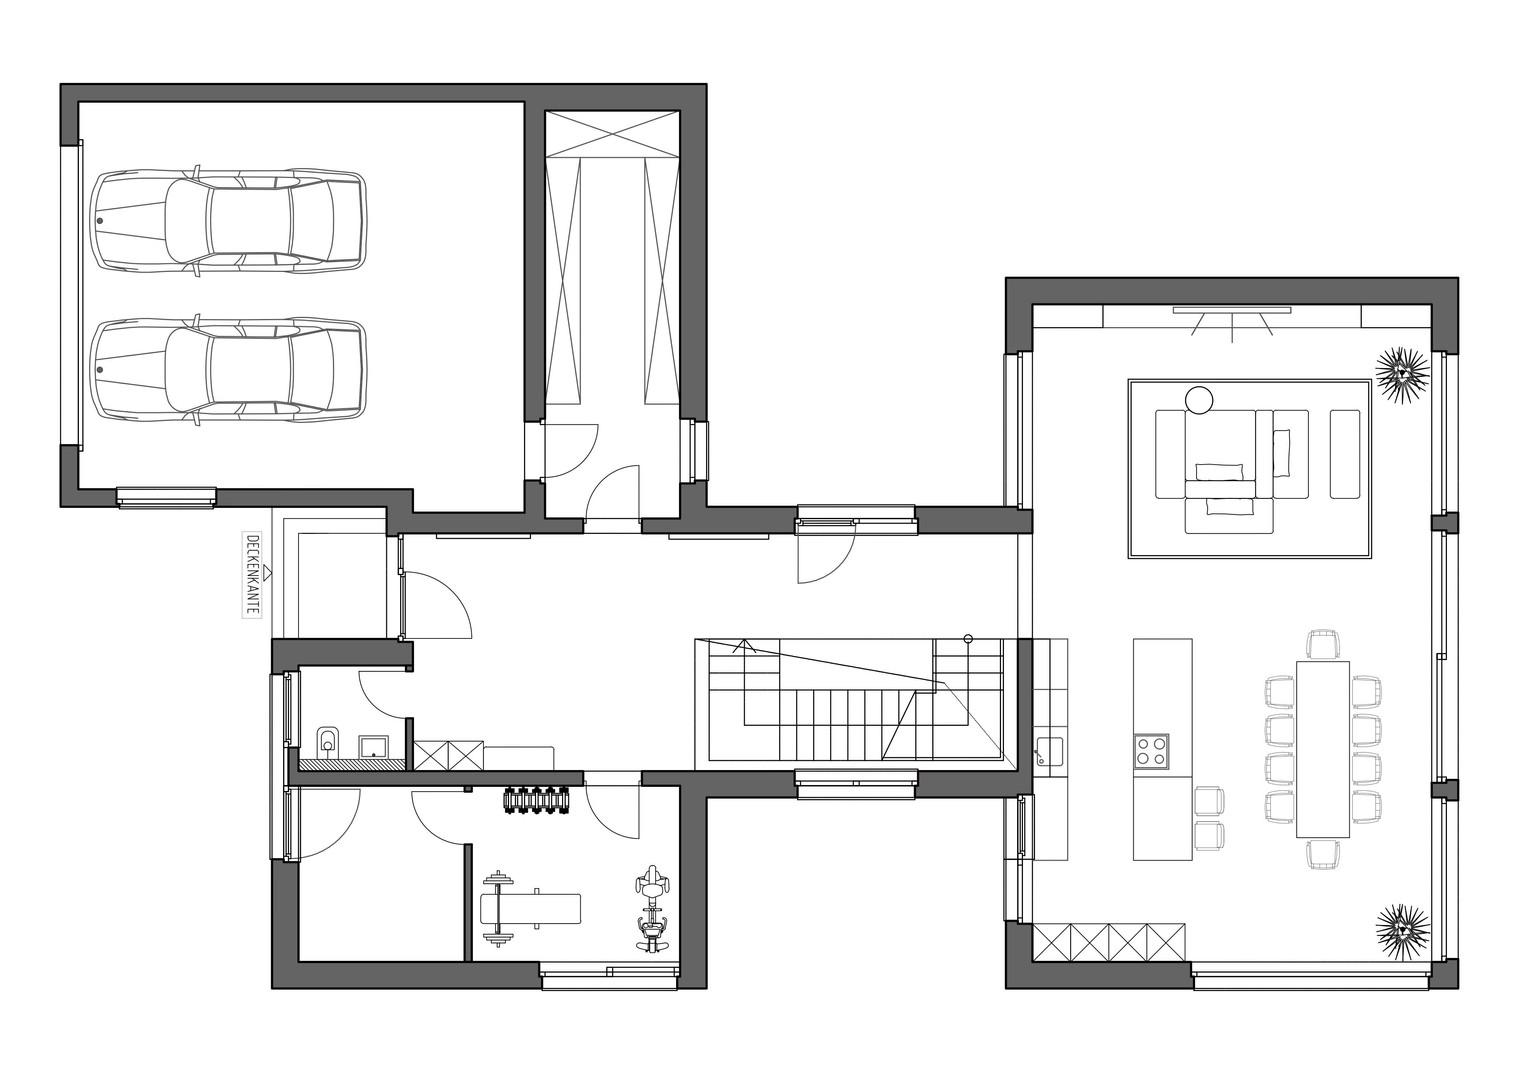 Stellplann EG Marie Interior Design